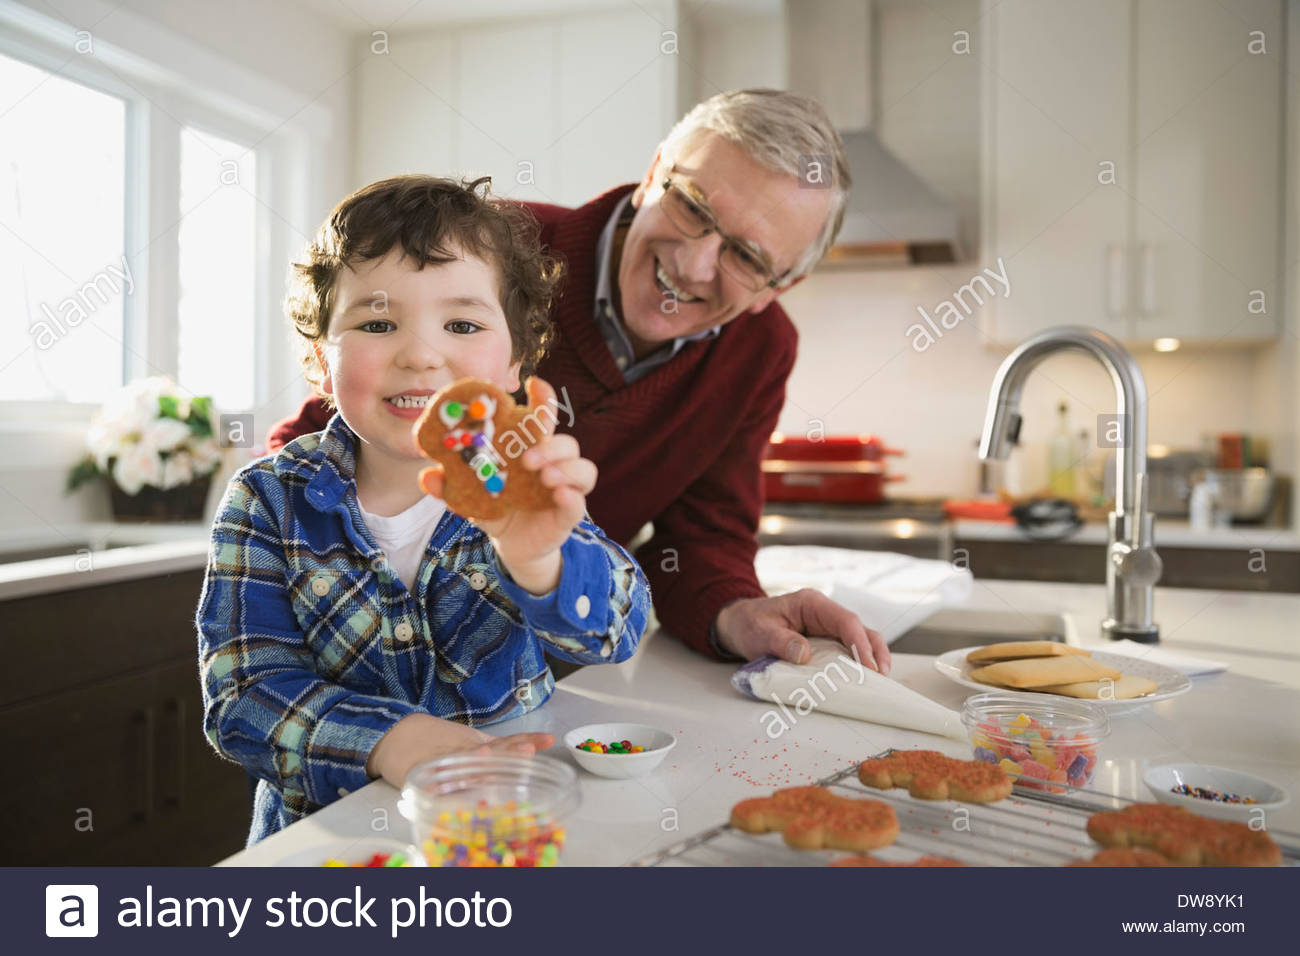 Chico lindo decorado mostrando gingerbread cookie Imagen De Stock